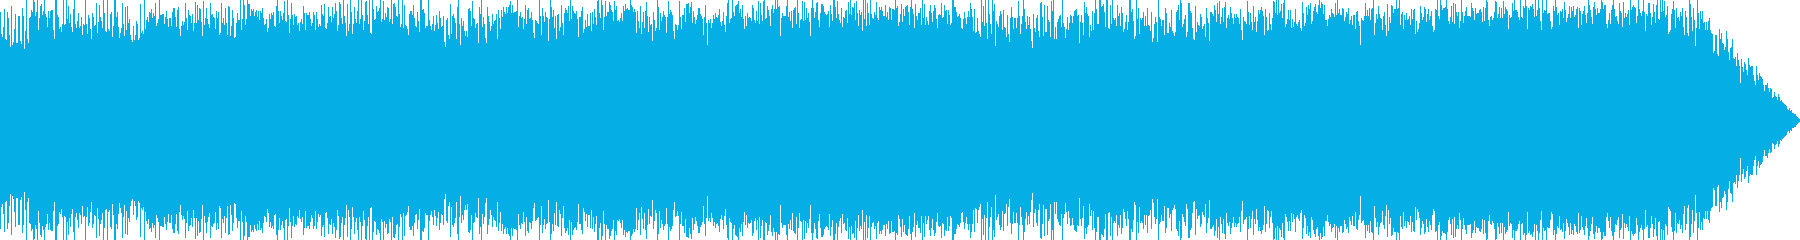 ファンタジーRPGのボスバトルをイメー…の再生済みの波形